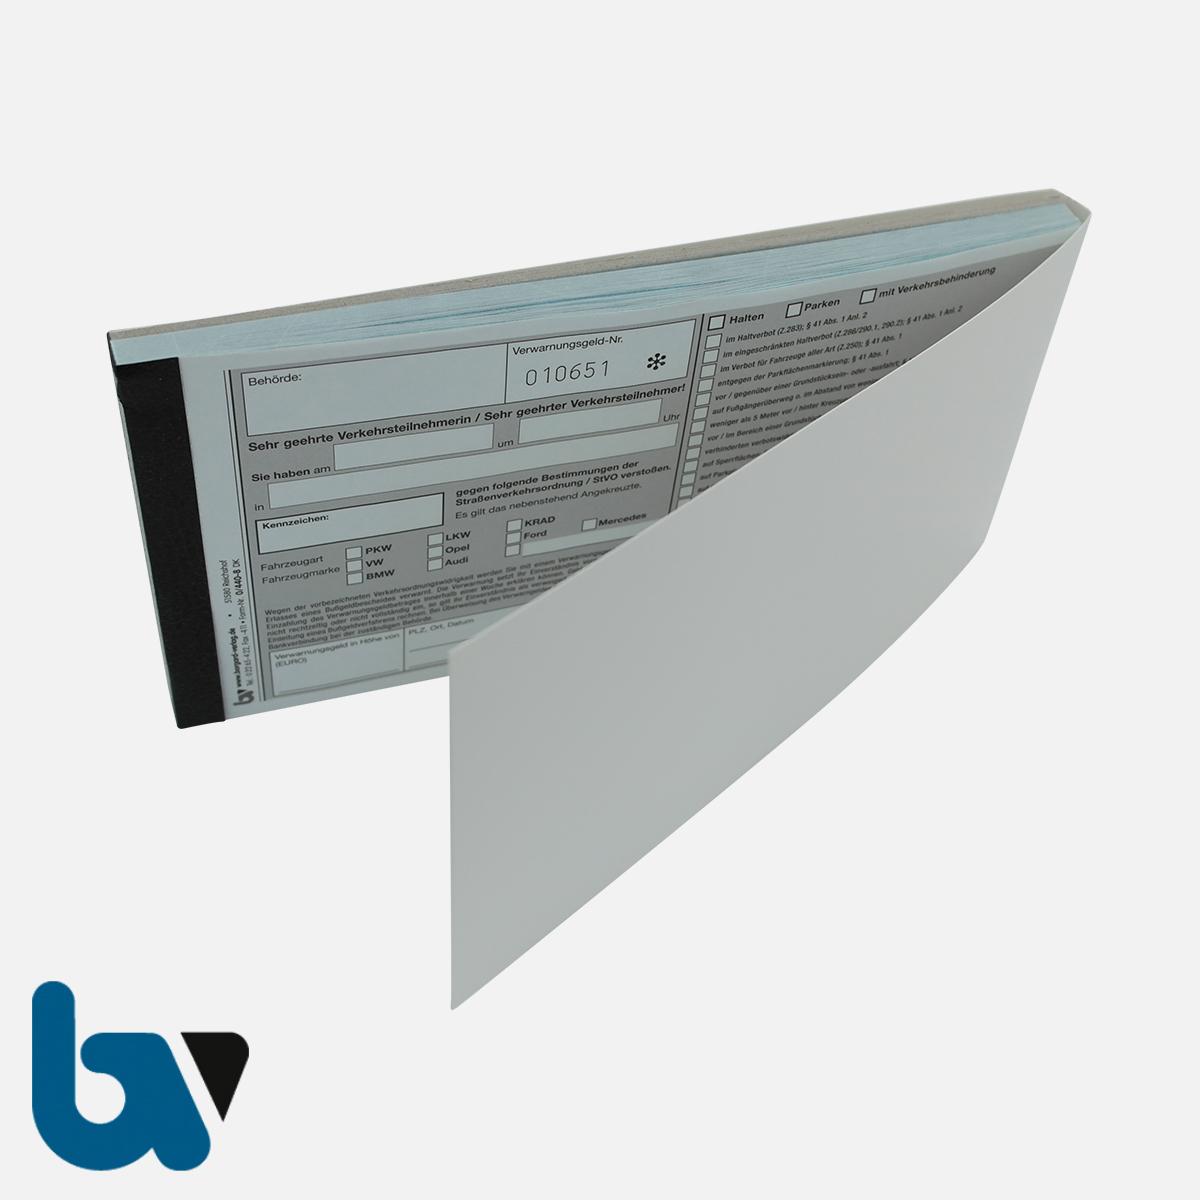 0/440-8 Verwarnung Verwarnungsgeldnummer fortlaufend Nummer Tatbestand selbstdurchschreibend Durchschreibeschutz DIN lang VS | Borgard Verlag GmbH